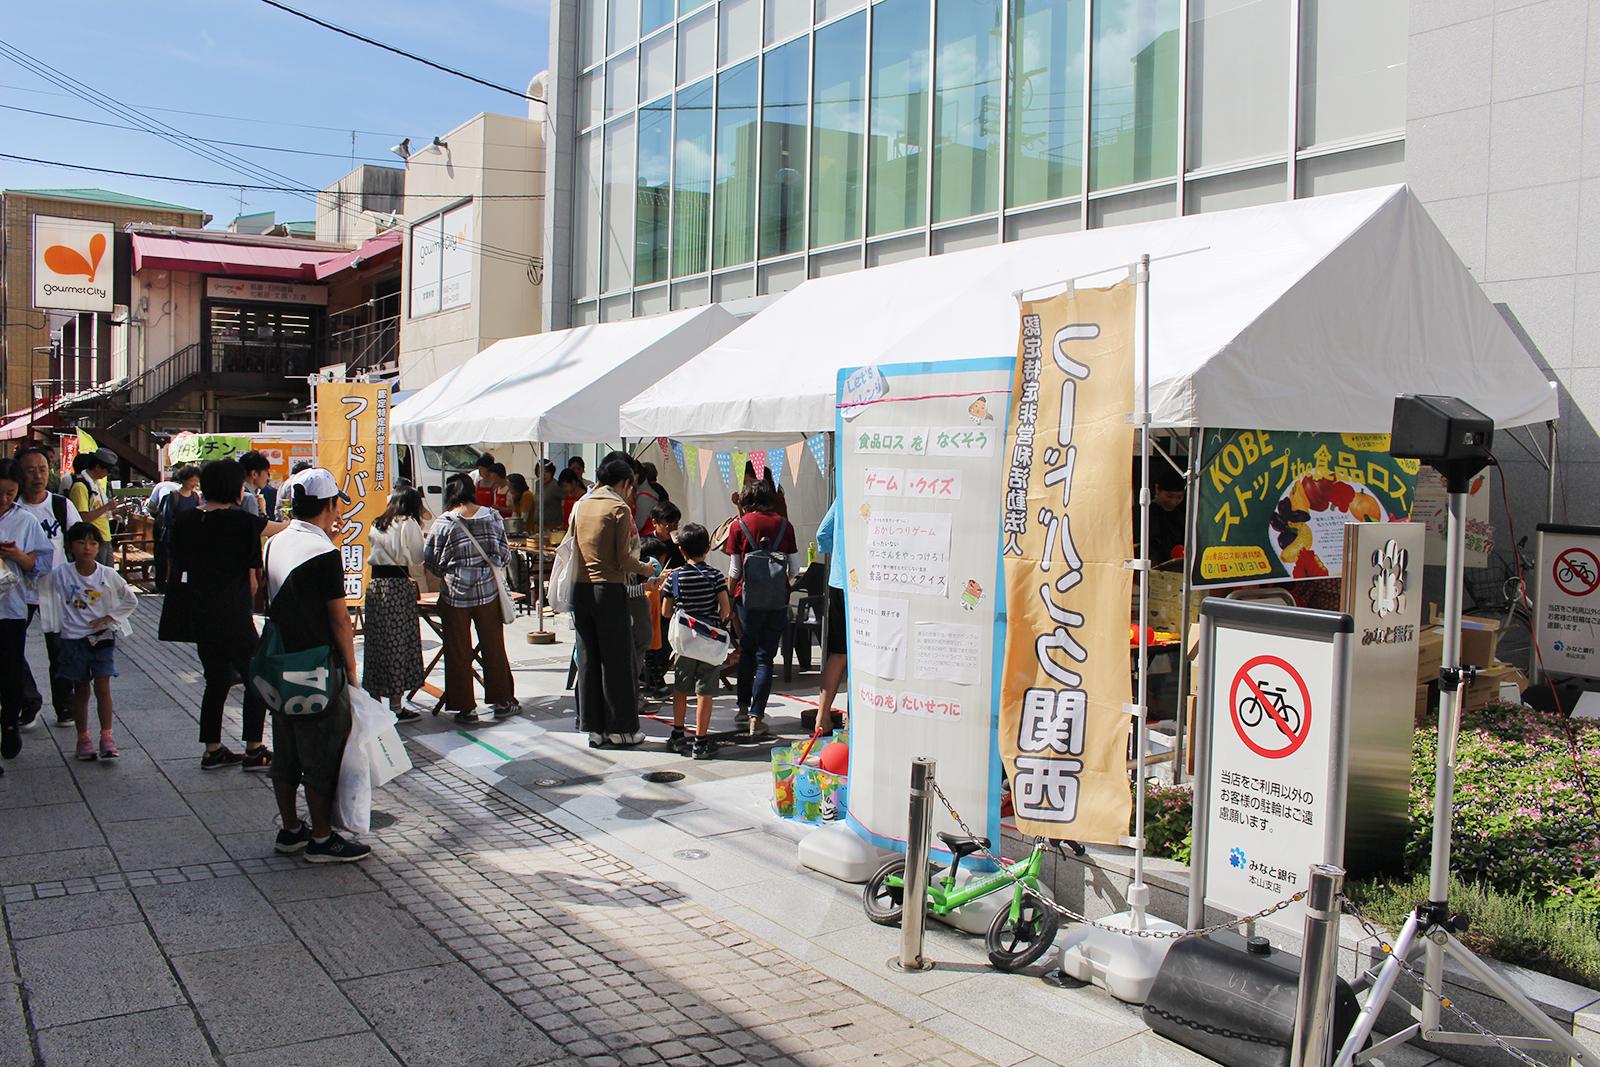 「KOBE ストップ the 食品ロス」では、フードバンク関西が取り扱っている食材で作った料理を振る舞う「0円キッチン」などが行われた。